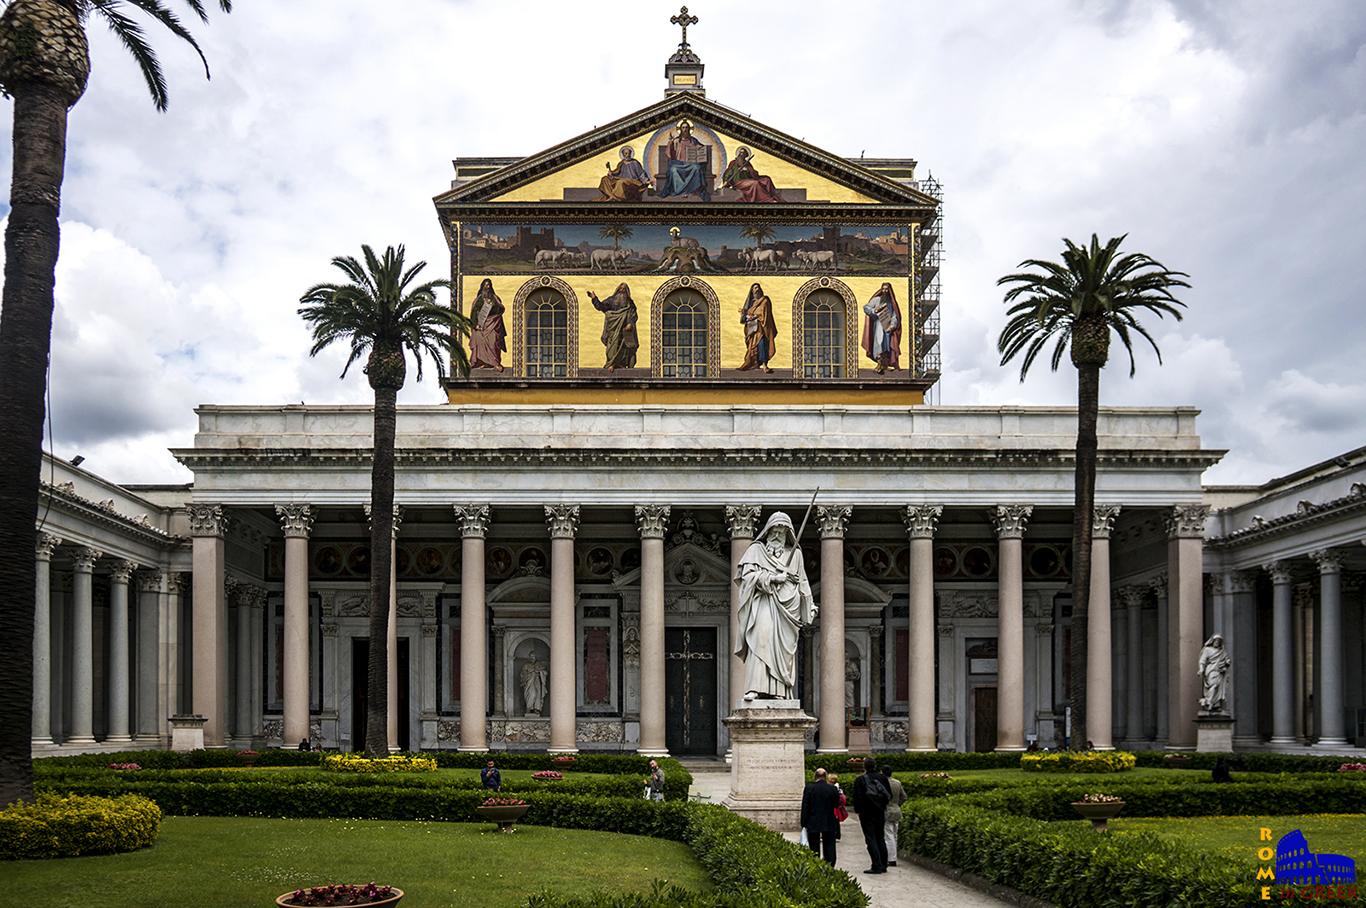 Άγιος Παύλος Εκτός των Τειχών, κύρια είσοδος με το τετράστωο. Διακρίνεται το άγαλμα του Απ. Παύλου